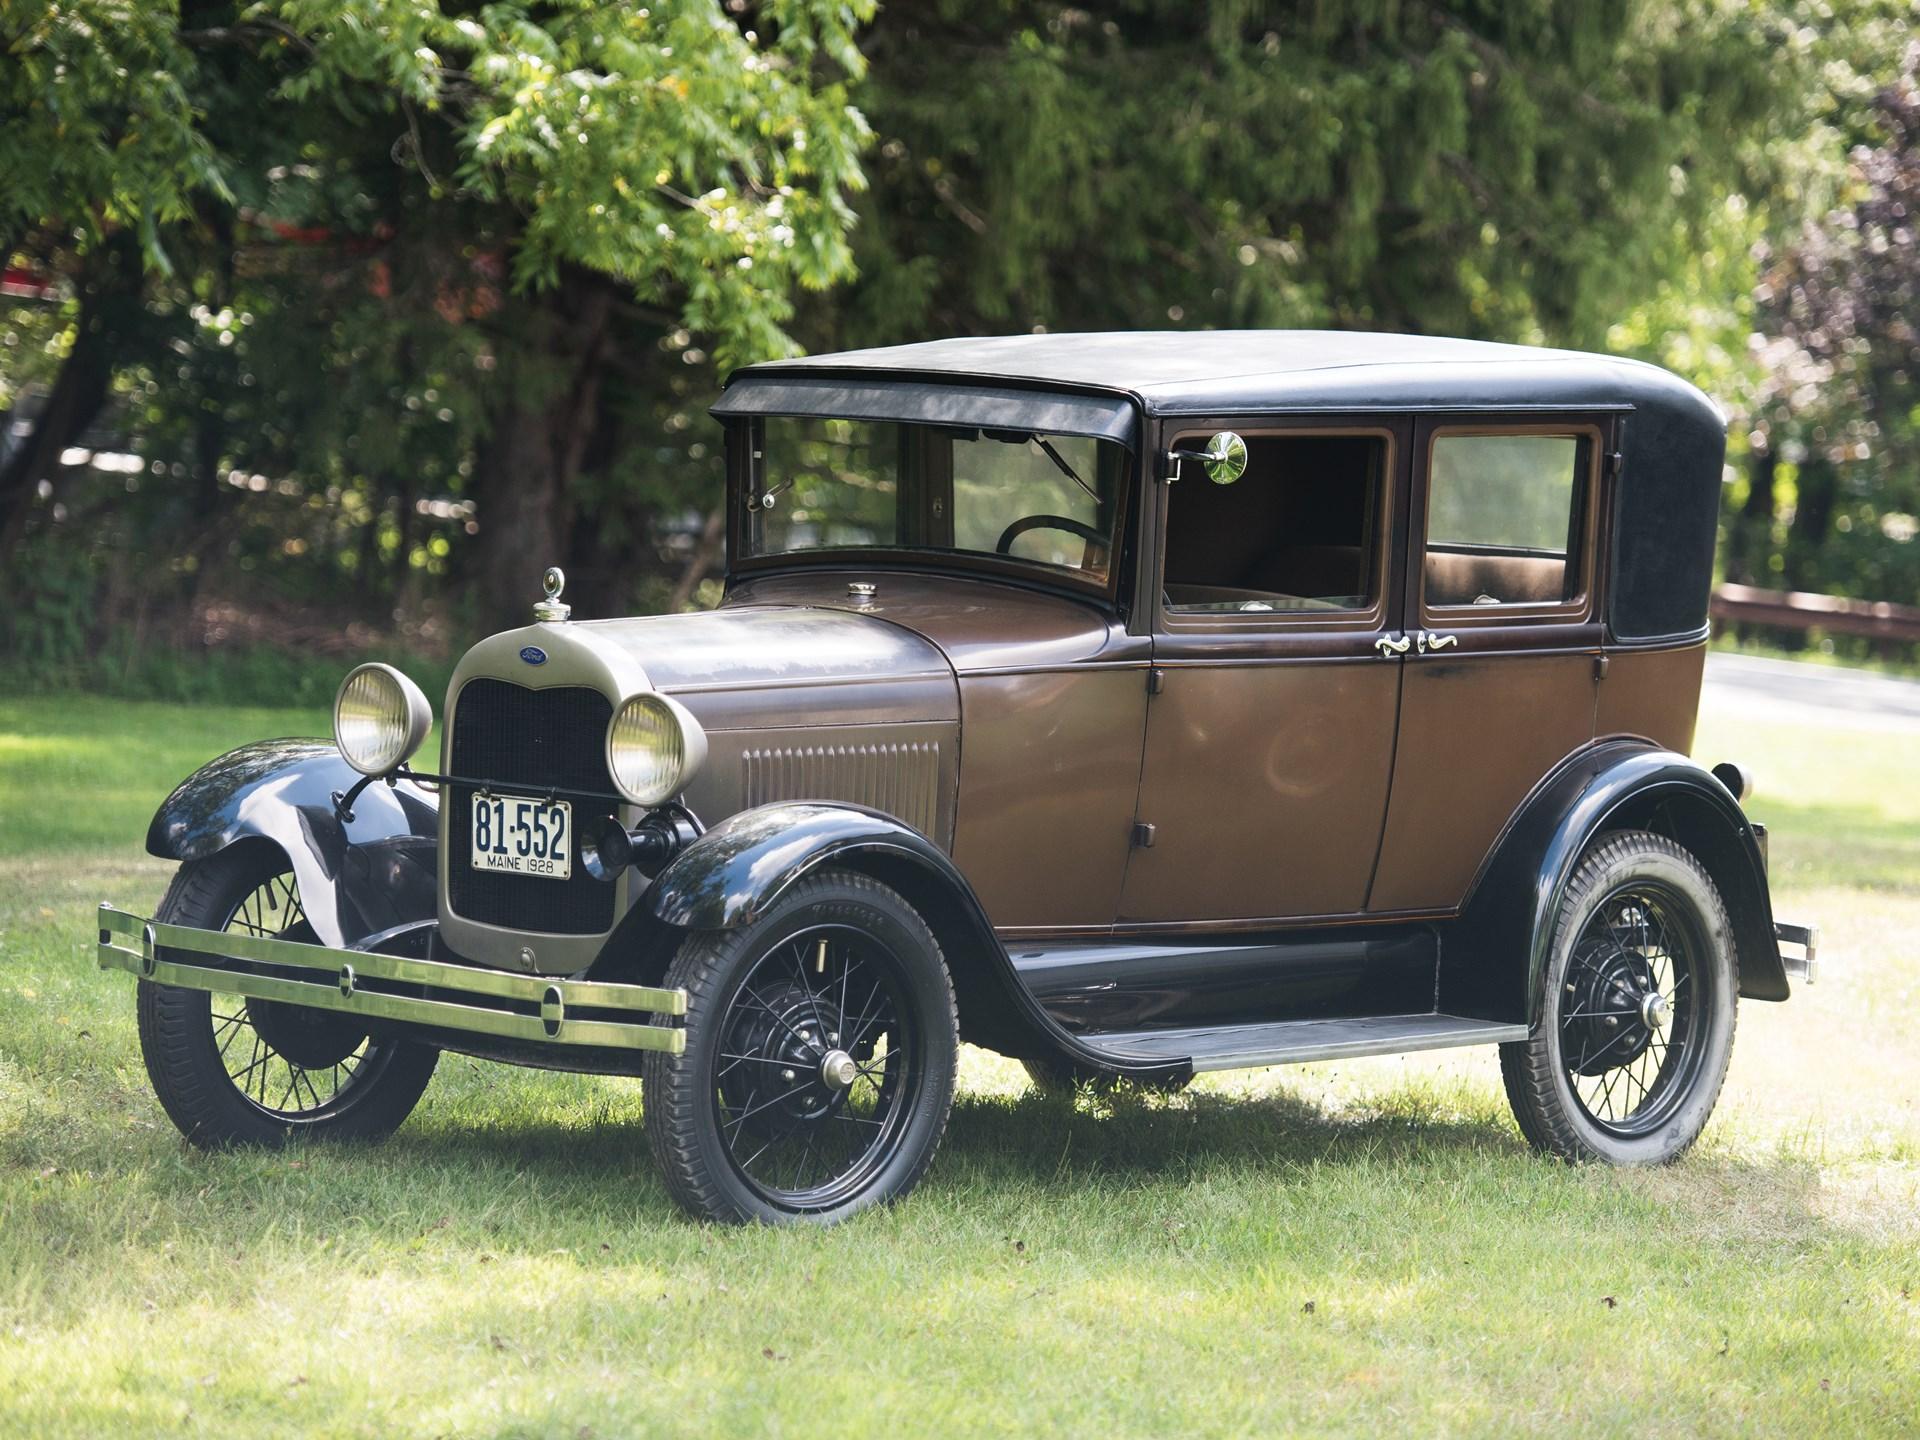 1929 ford model a leatherback fordor sedan by briggs